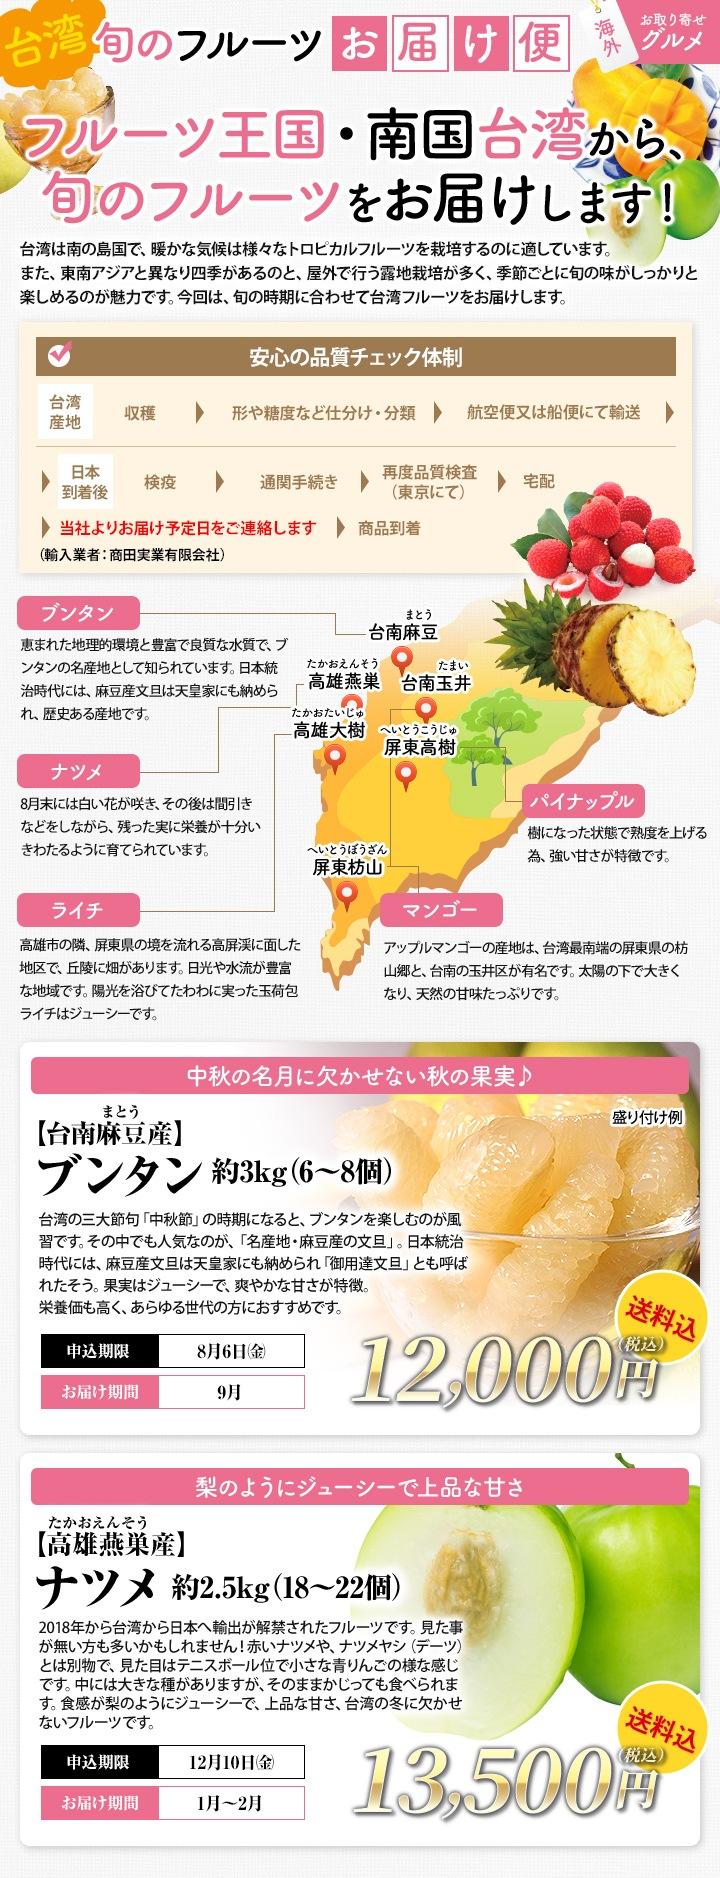 【お取り寄せグルメ】台湾旬のフルーツお届け便 ★送料込★